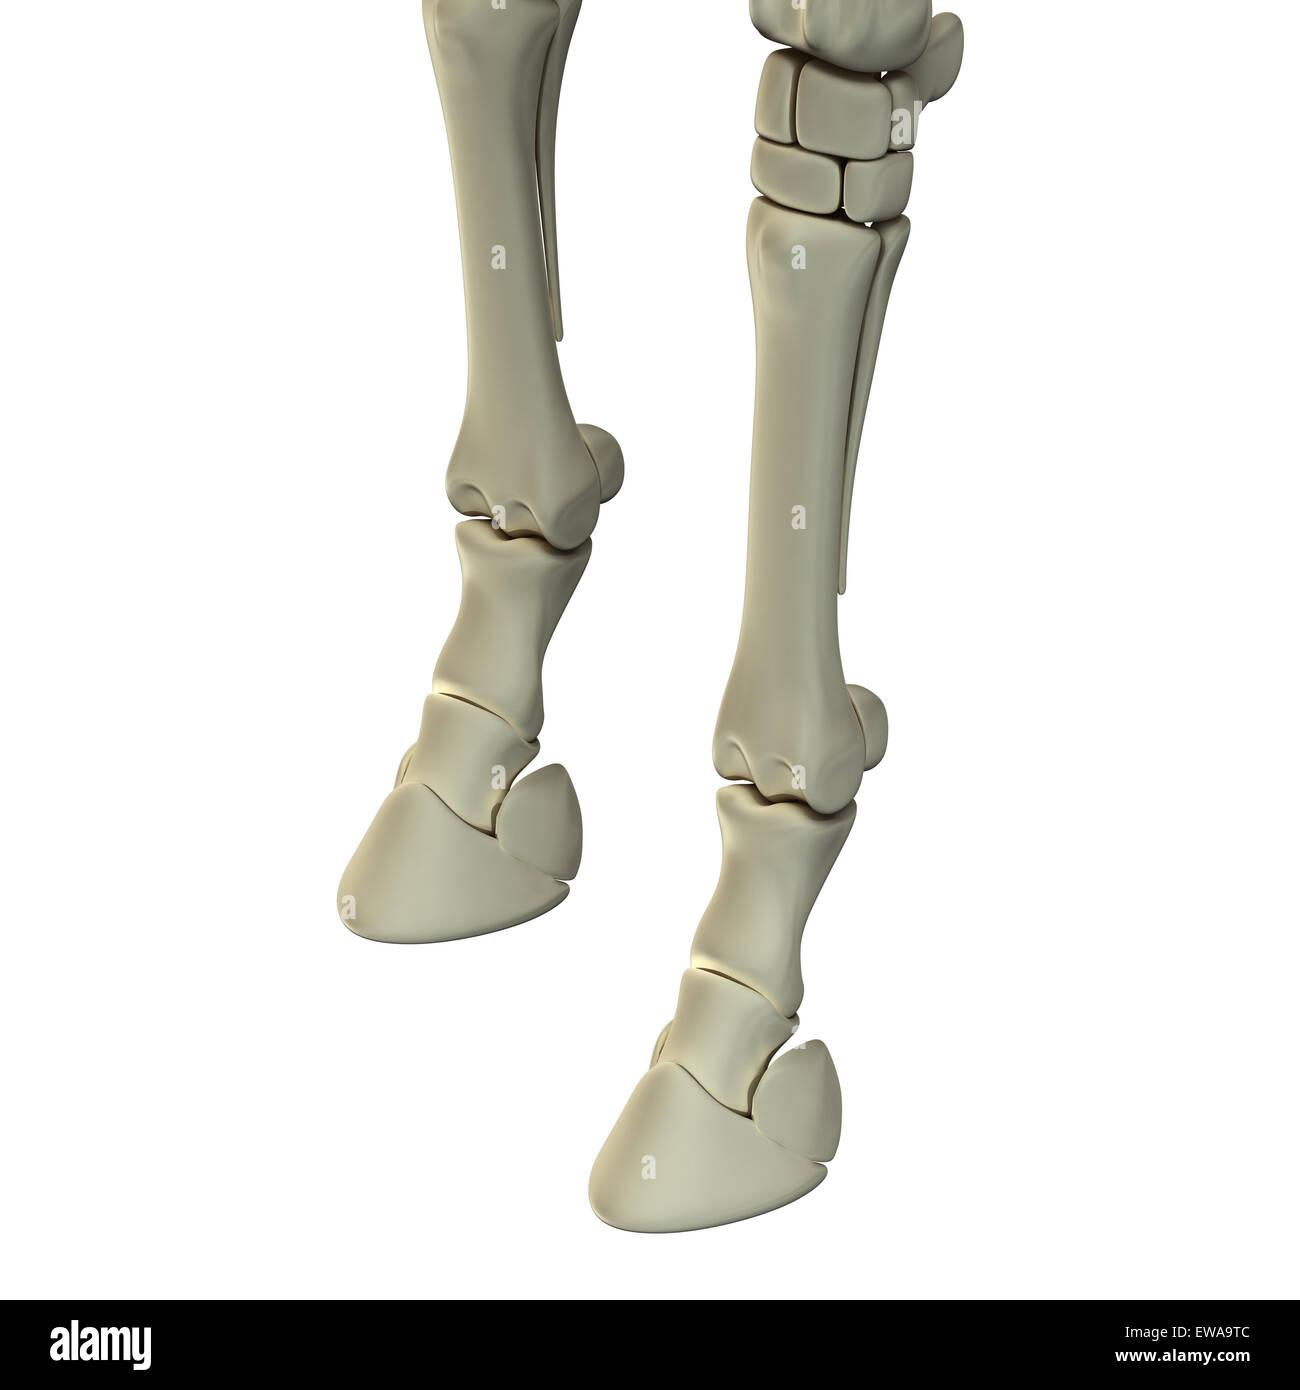 Vorderen Beinknochen - Pferd Equus Anatomie - isoliert auf weißem ...